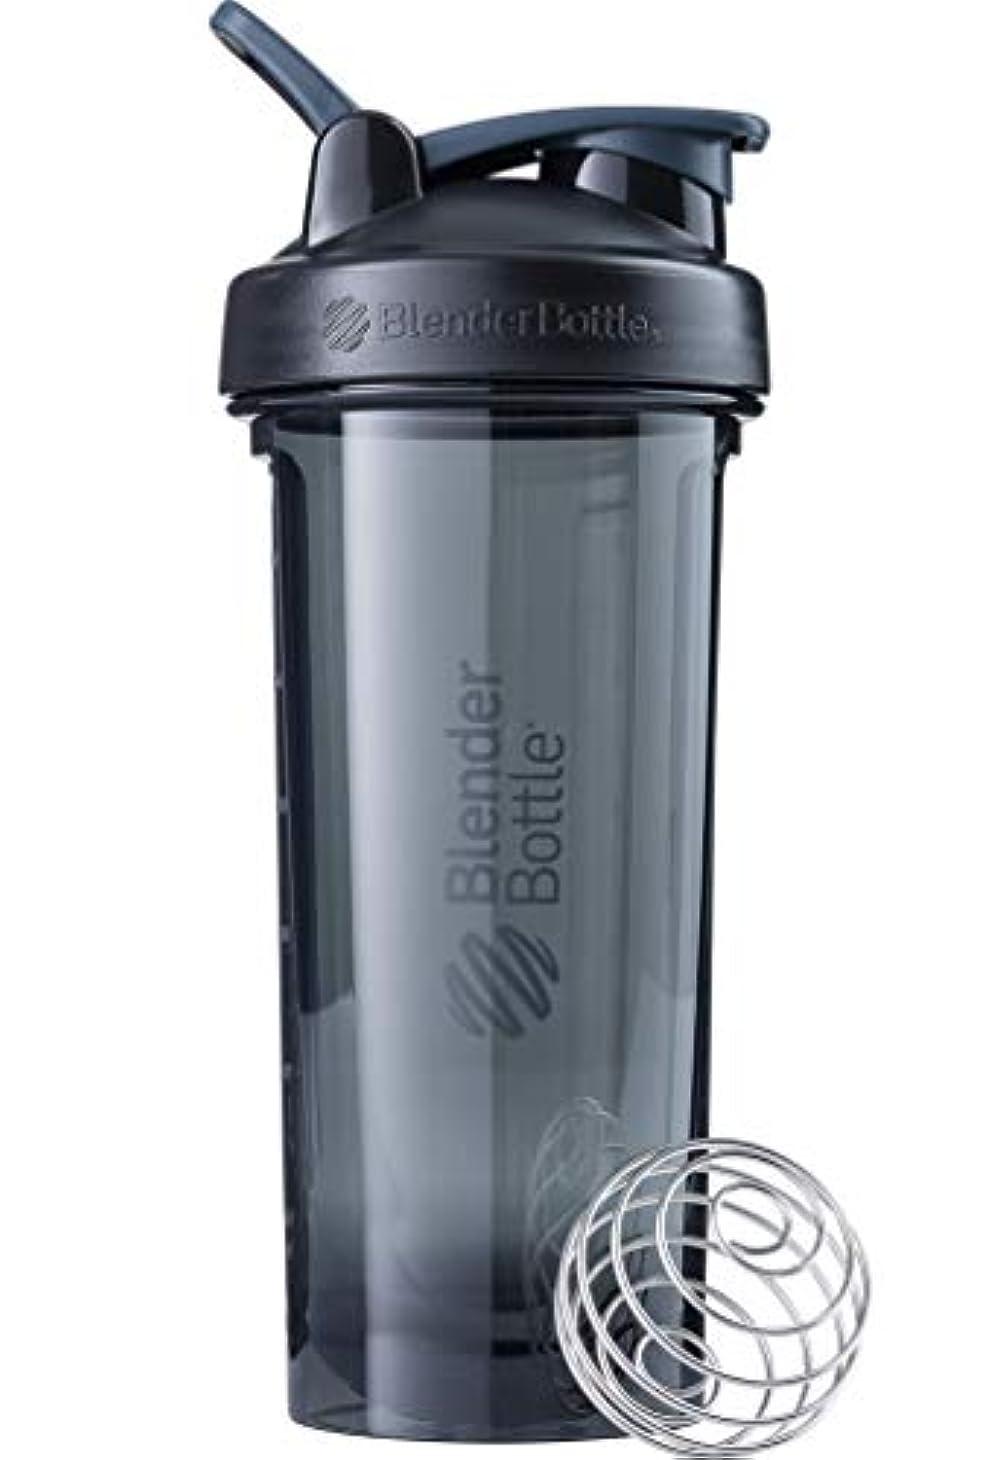 吸うアルコーブマニアブレンダーボトル 【日本正規品】 ミキサー シェーカー ボトル Pro Series Tritan Pro24 24オンス (700ml) ブラック BBPRO24 BK